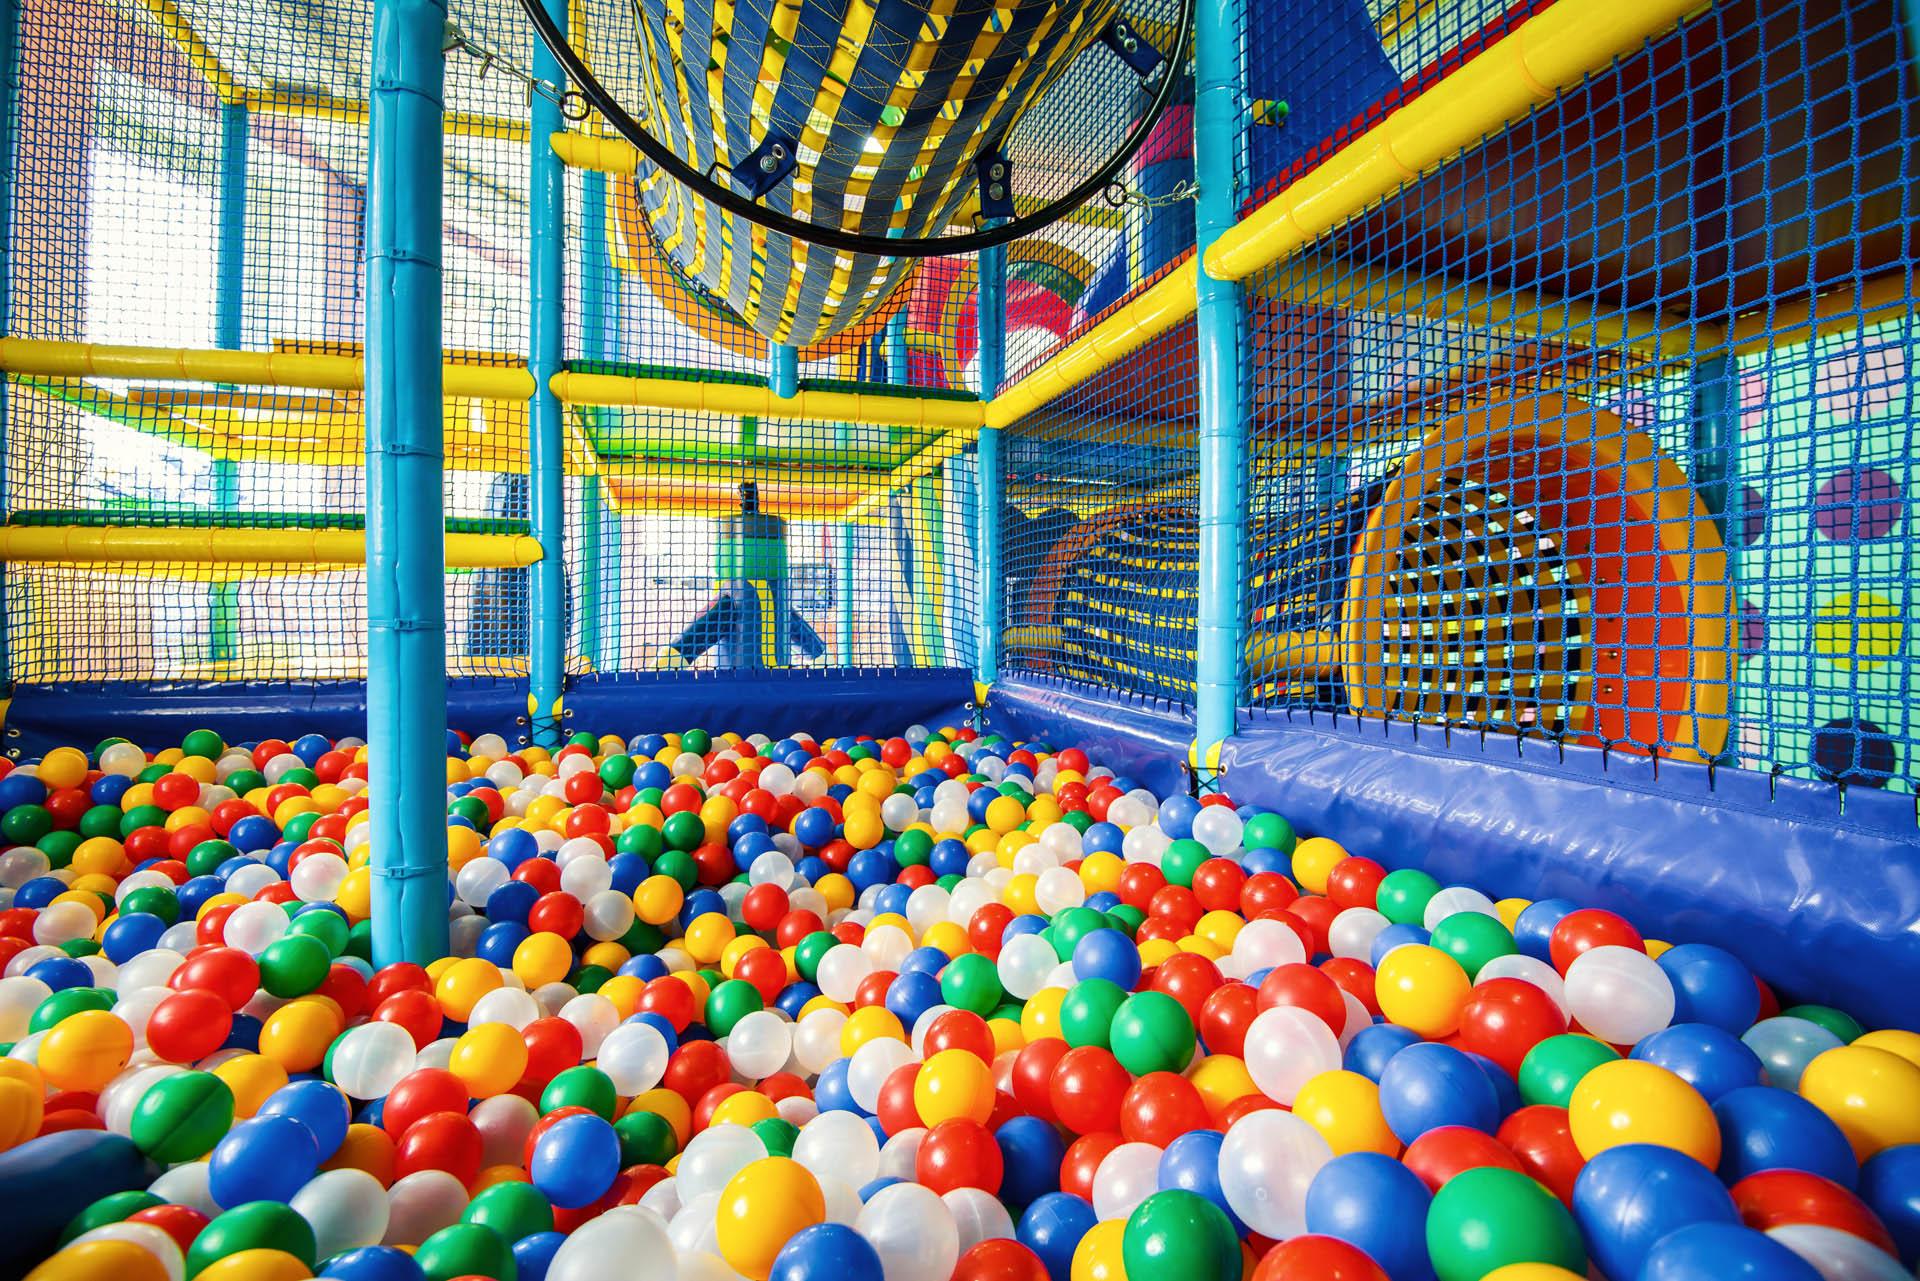 speeltuin ballenbad